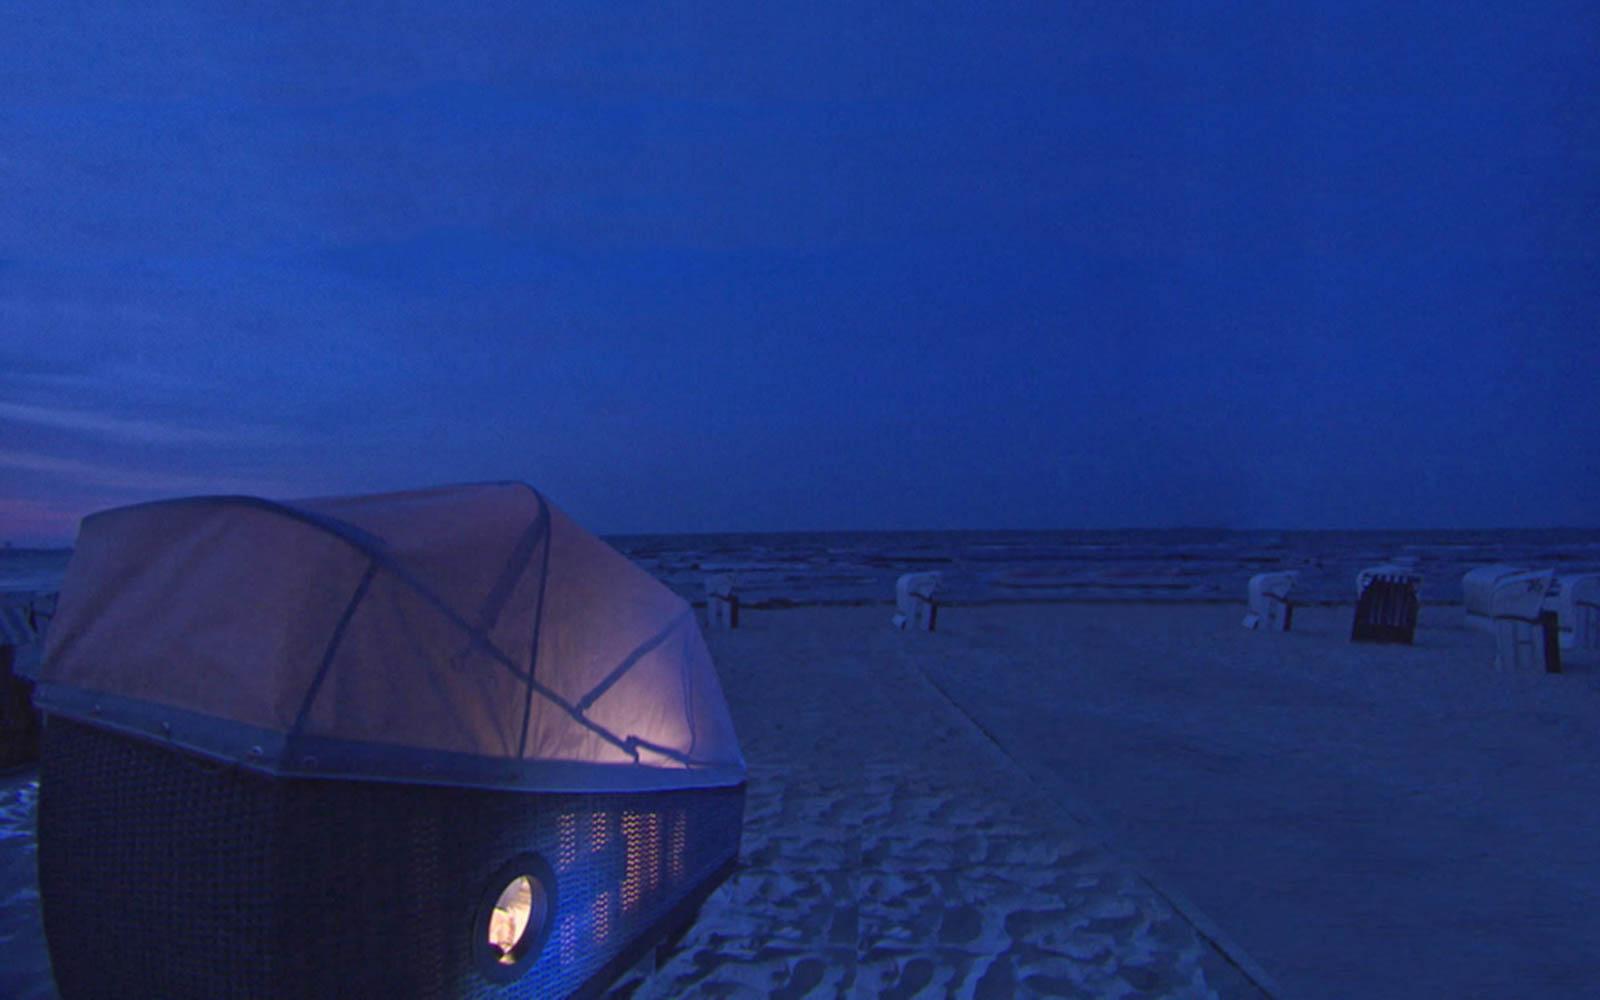 Nachts am Strand schlafen